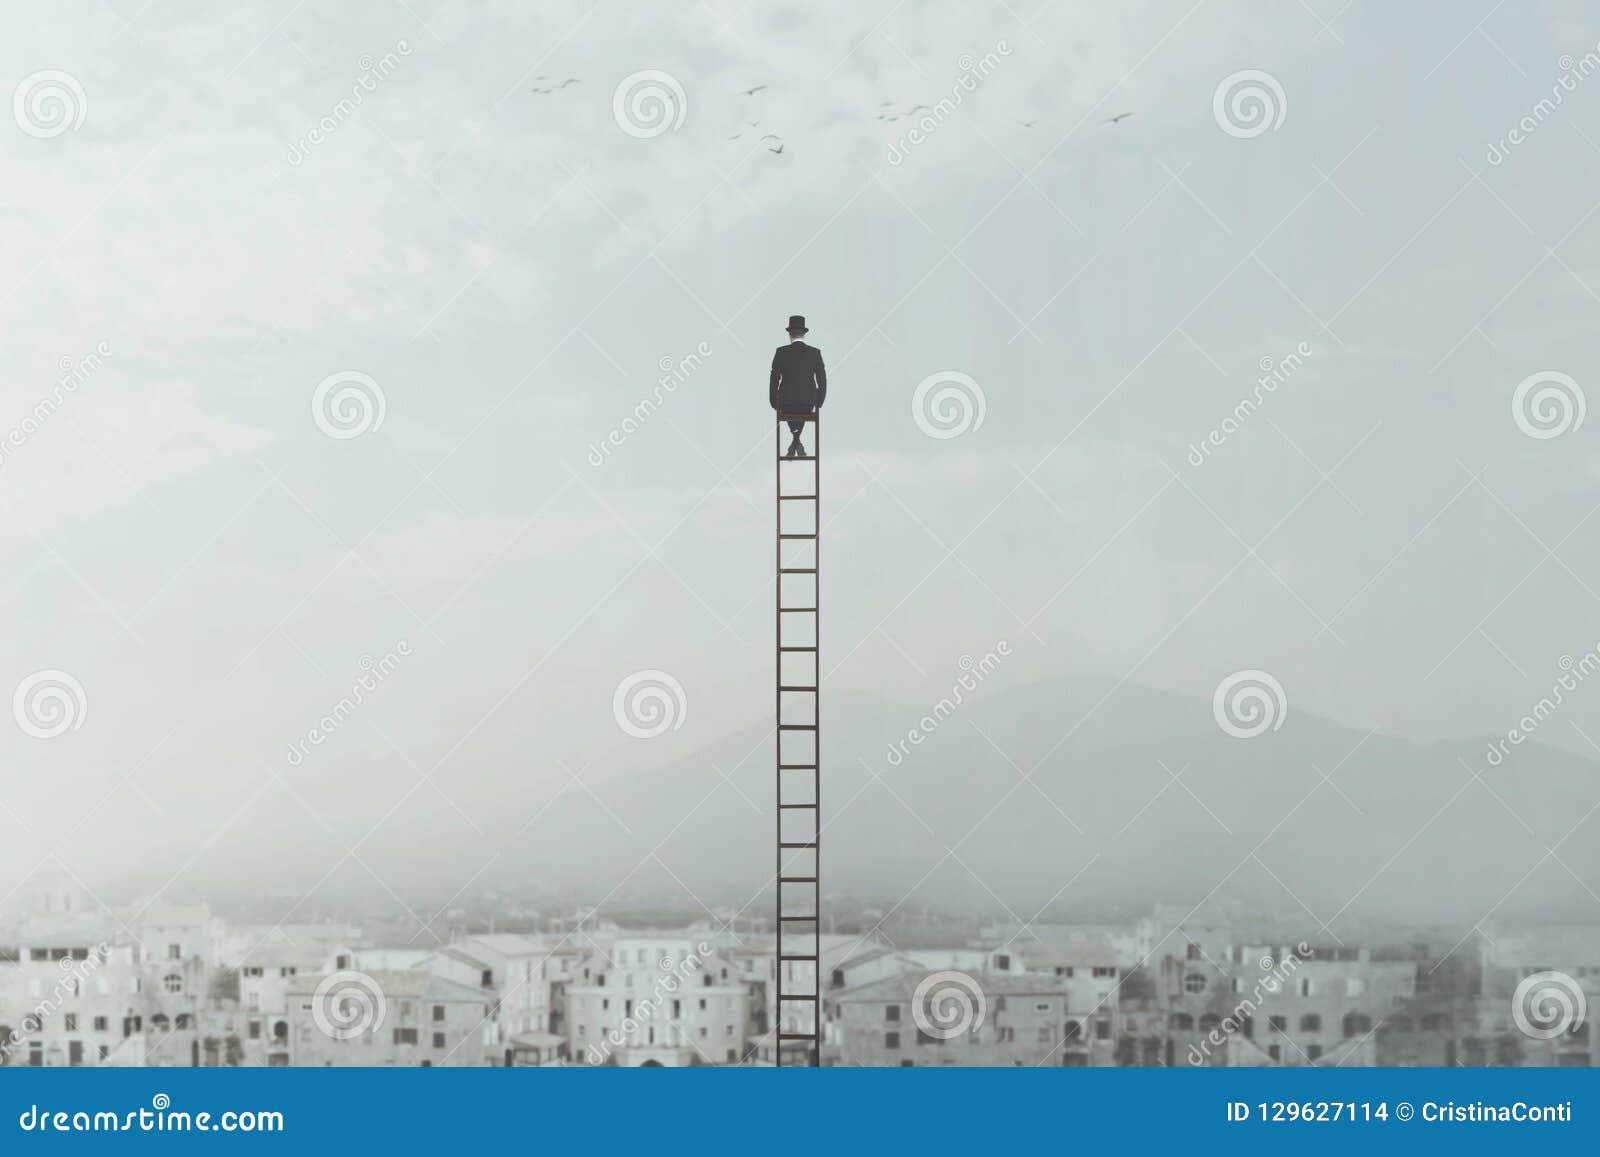 De bedrijfsmens overheerst de stadszitting op een lange ladder